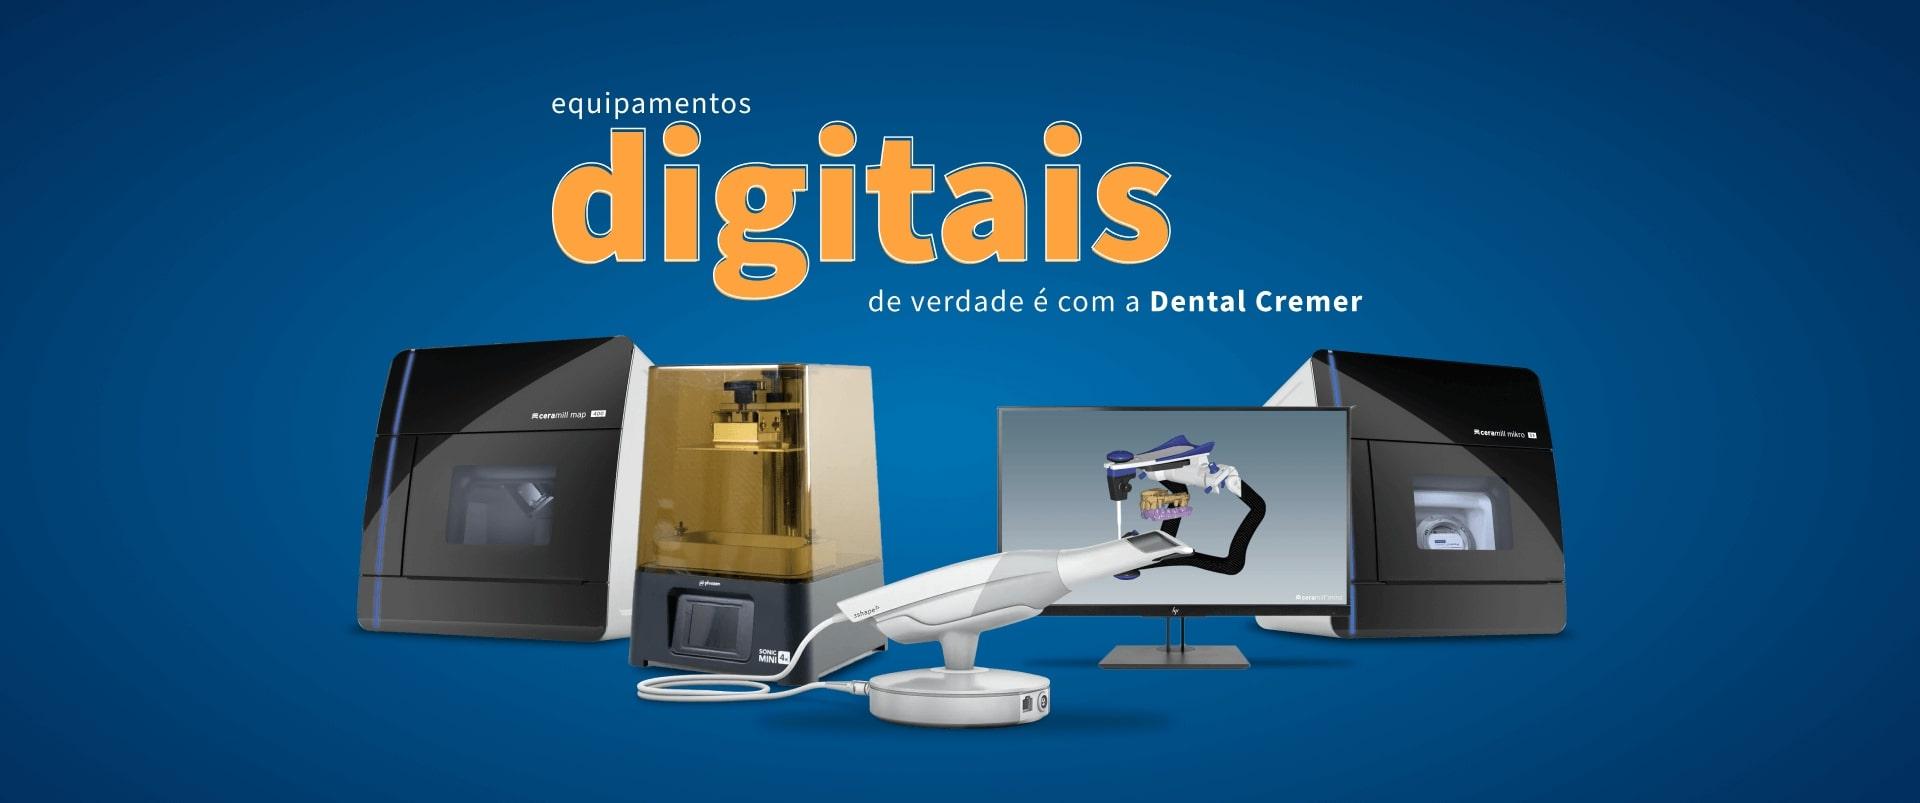 Equipamentos digitais de verdade é com a Dental Cremer